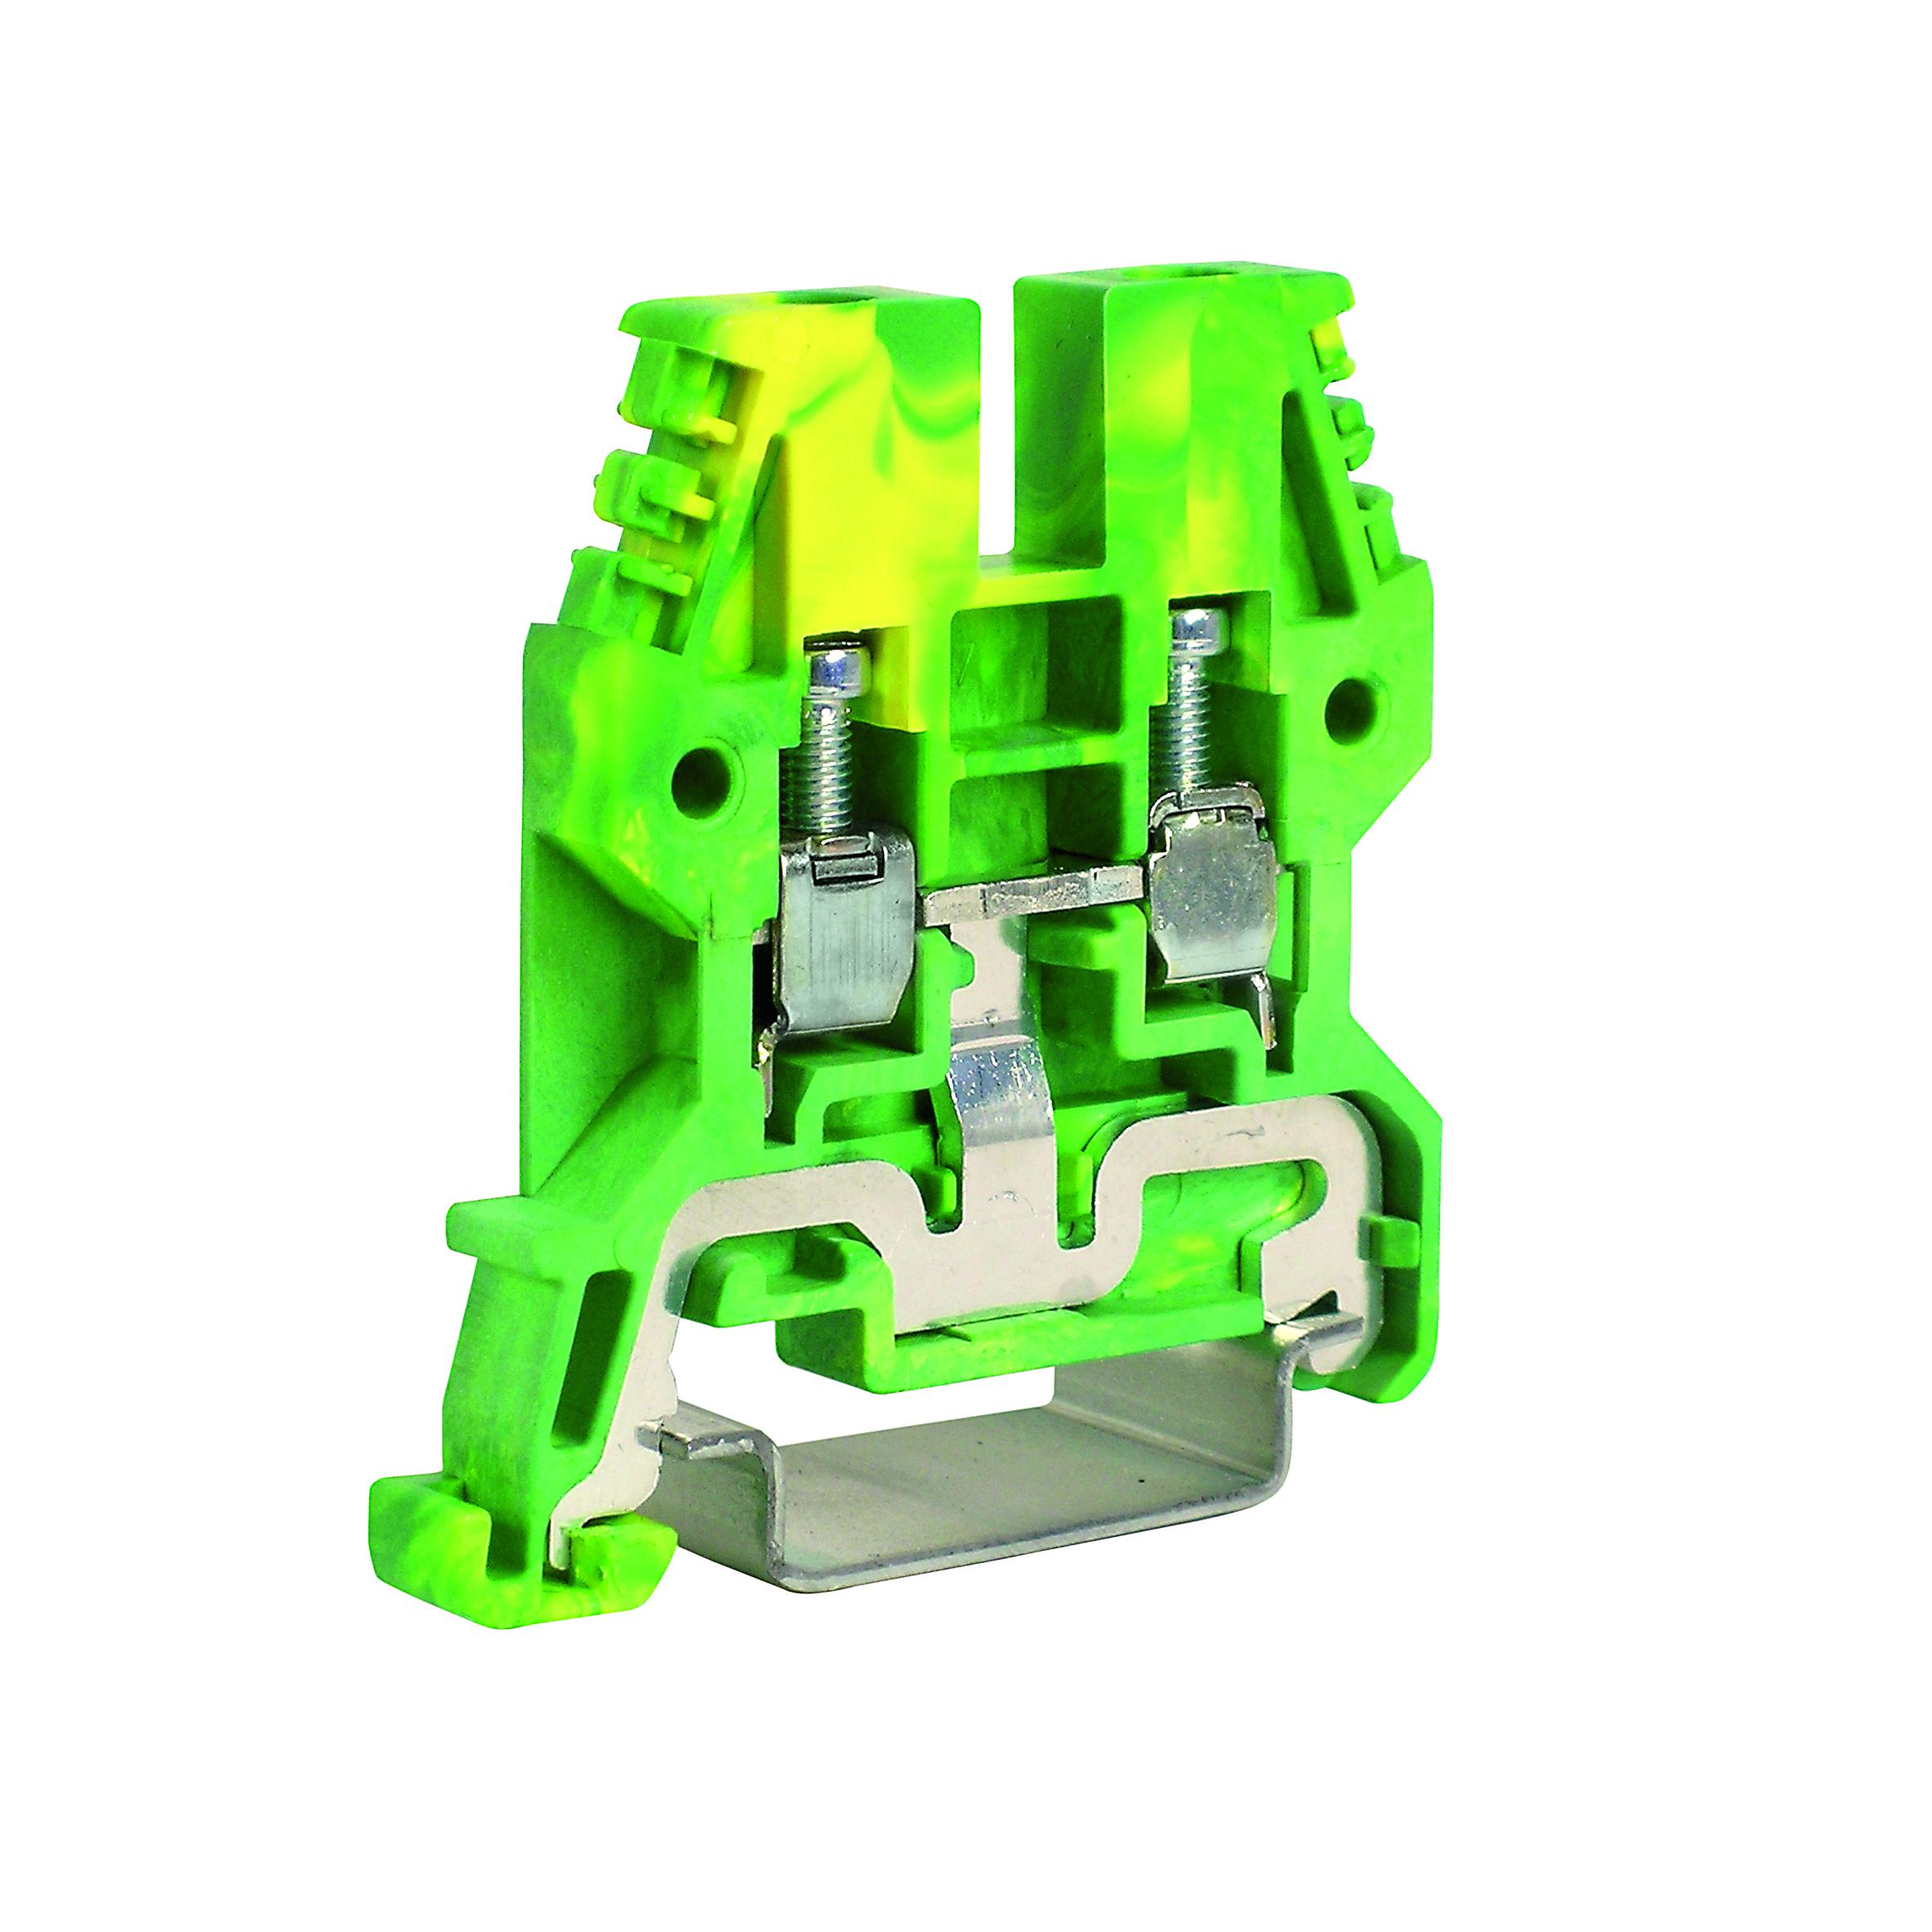 1 Stk Erdungsklemme TEO.4 grün-gelb, 4mm² IK122004-A